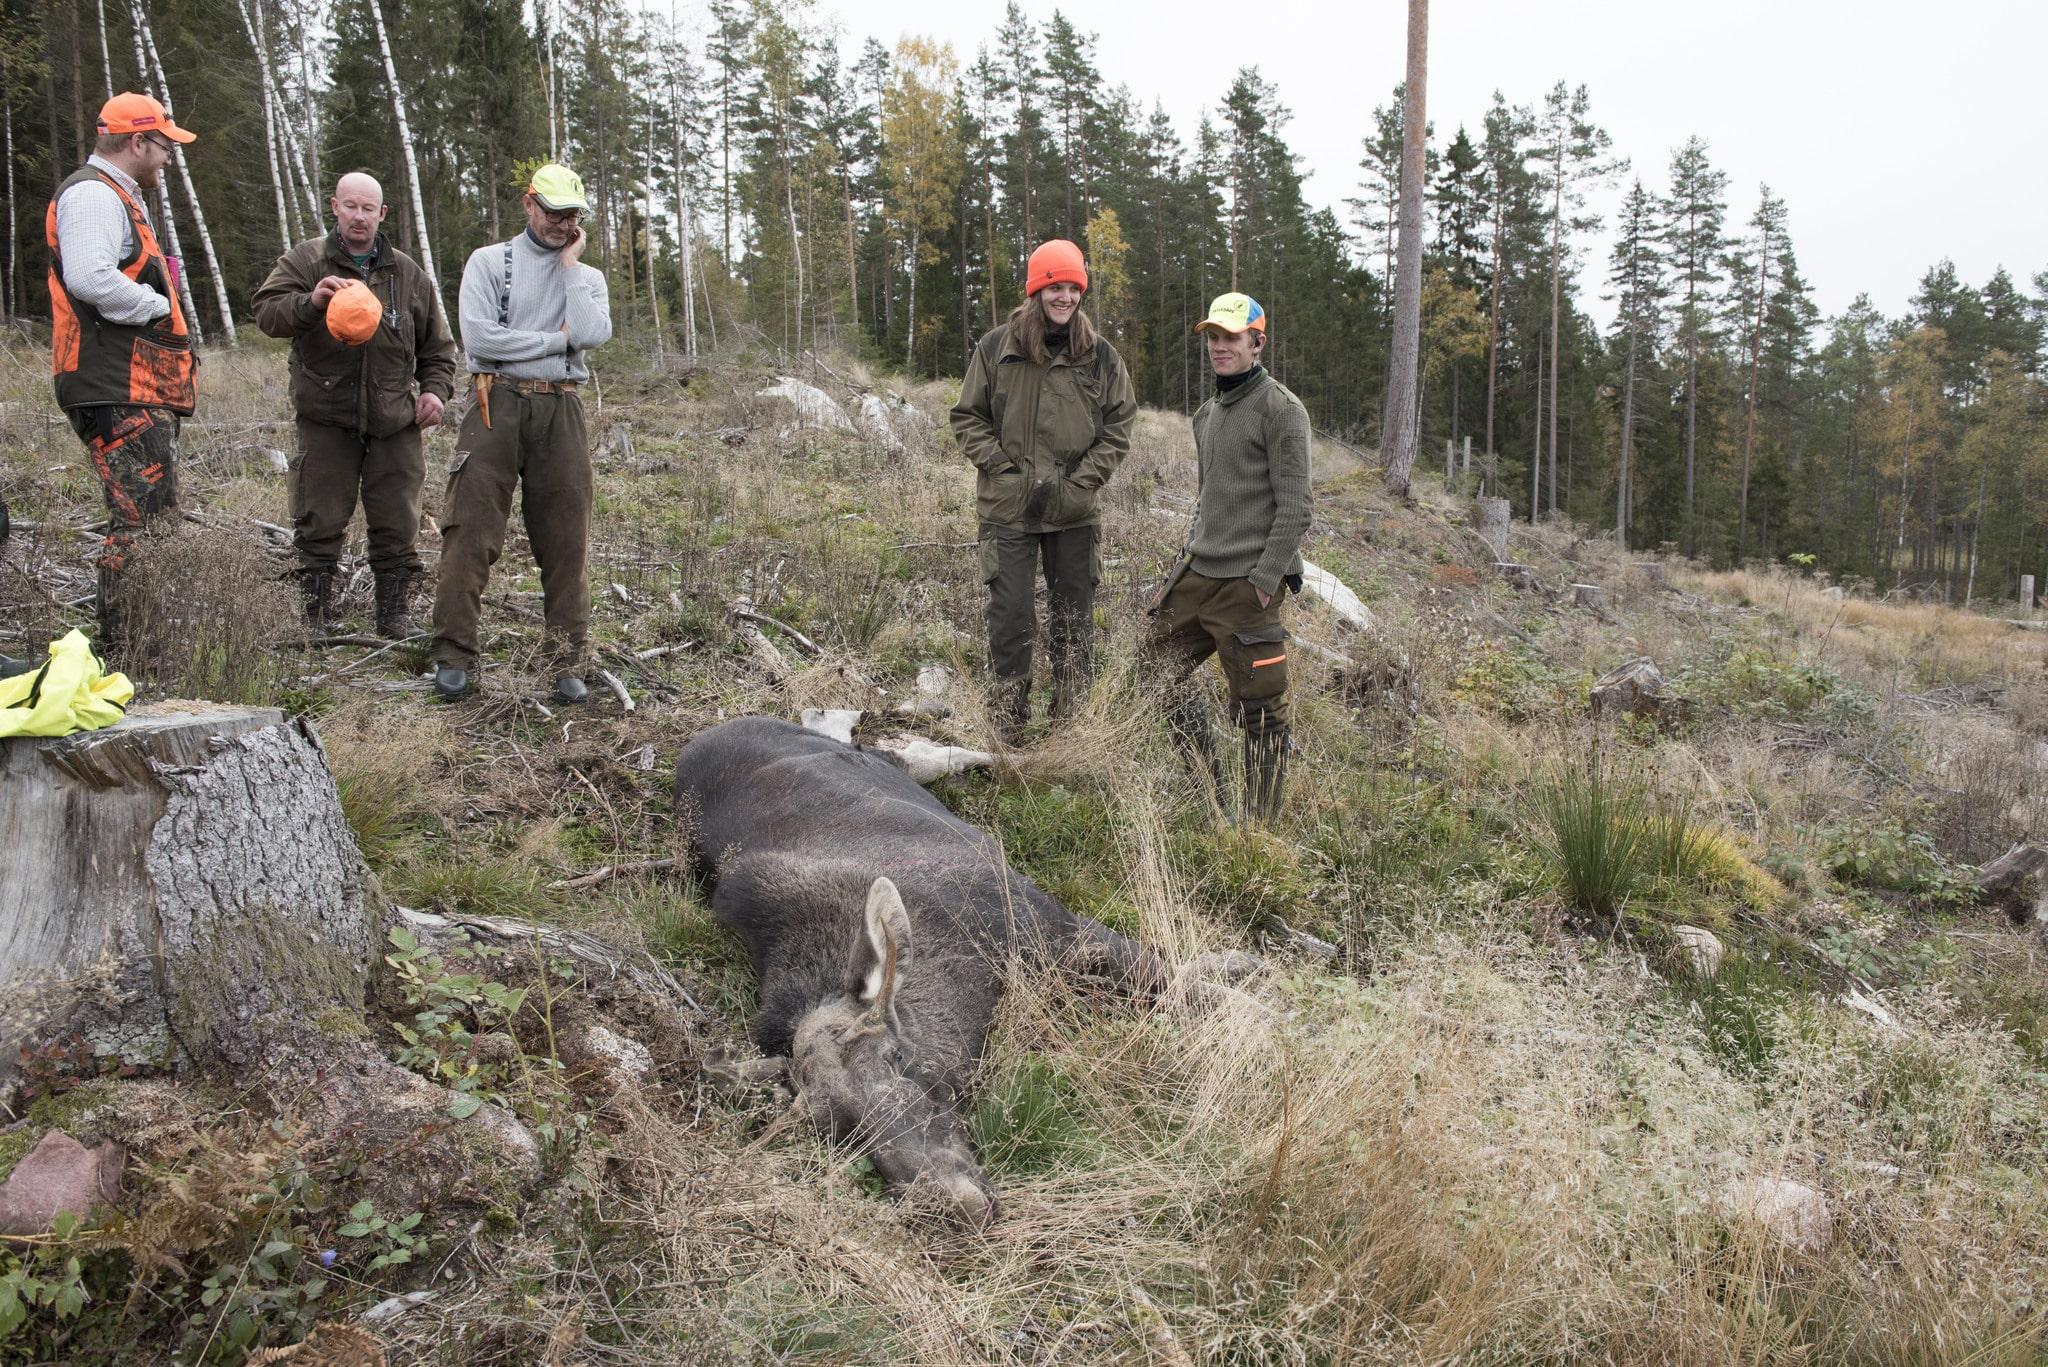 Insändarskribenten menar att det finns ett bra om än inte billigt sätt att få tag på viltkött. Att börja jaga. Foto: Jan Henricson